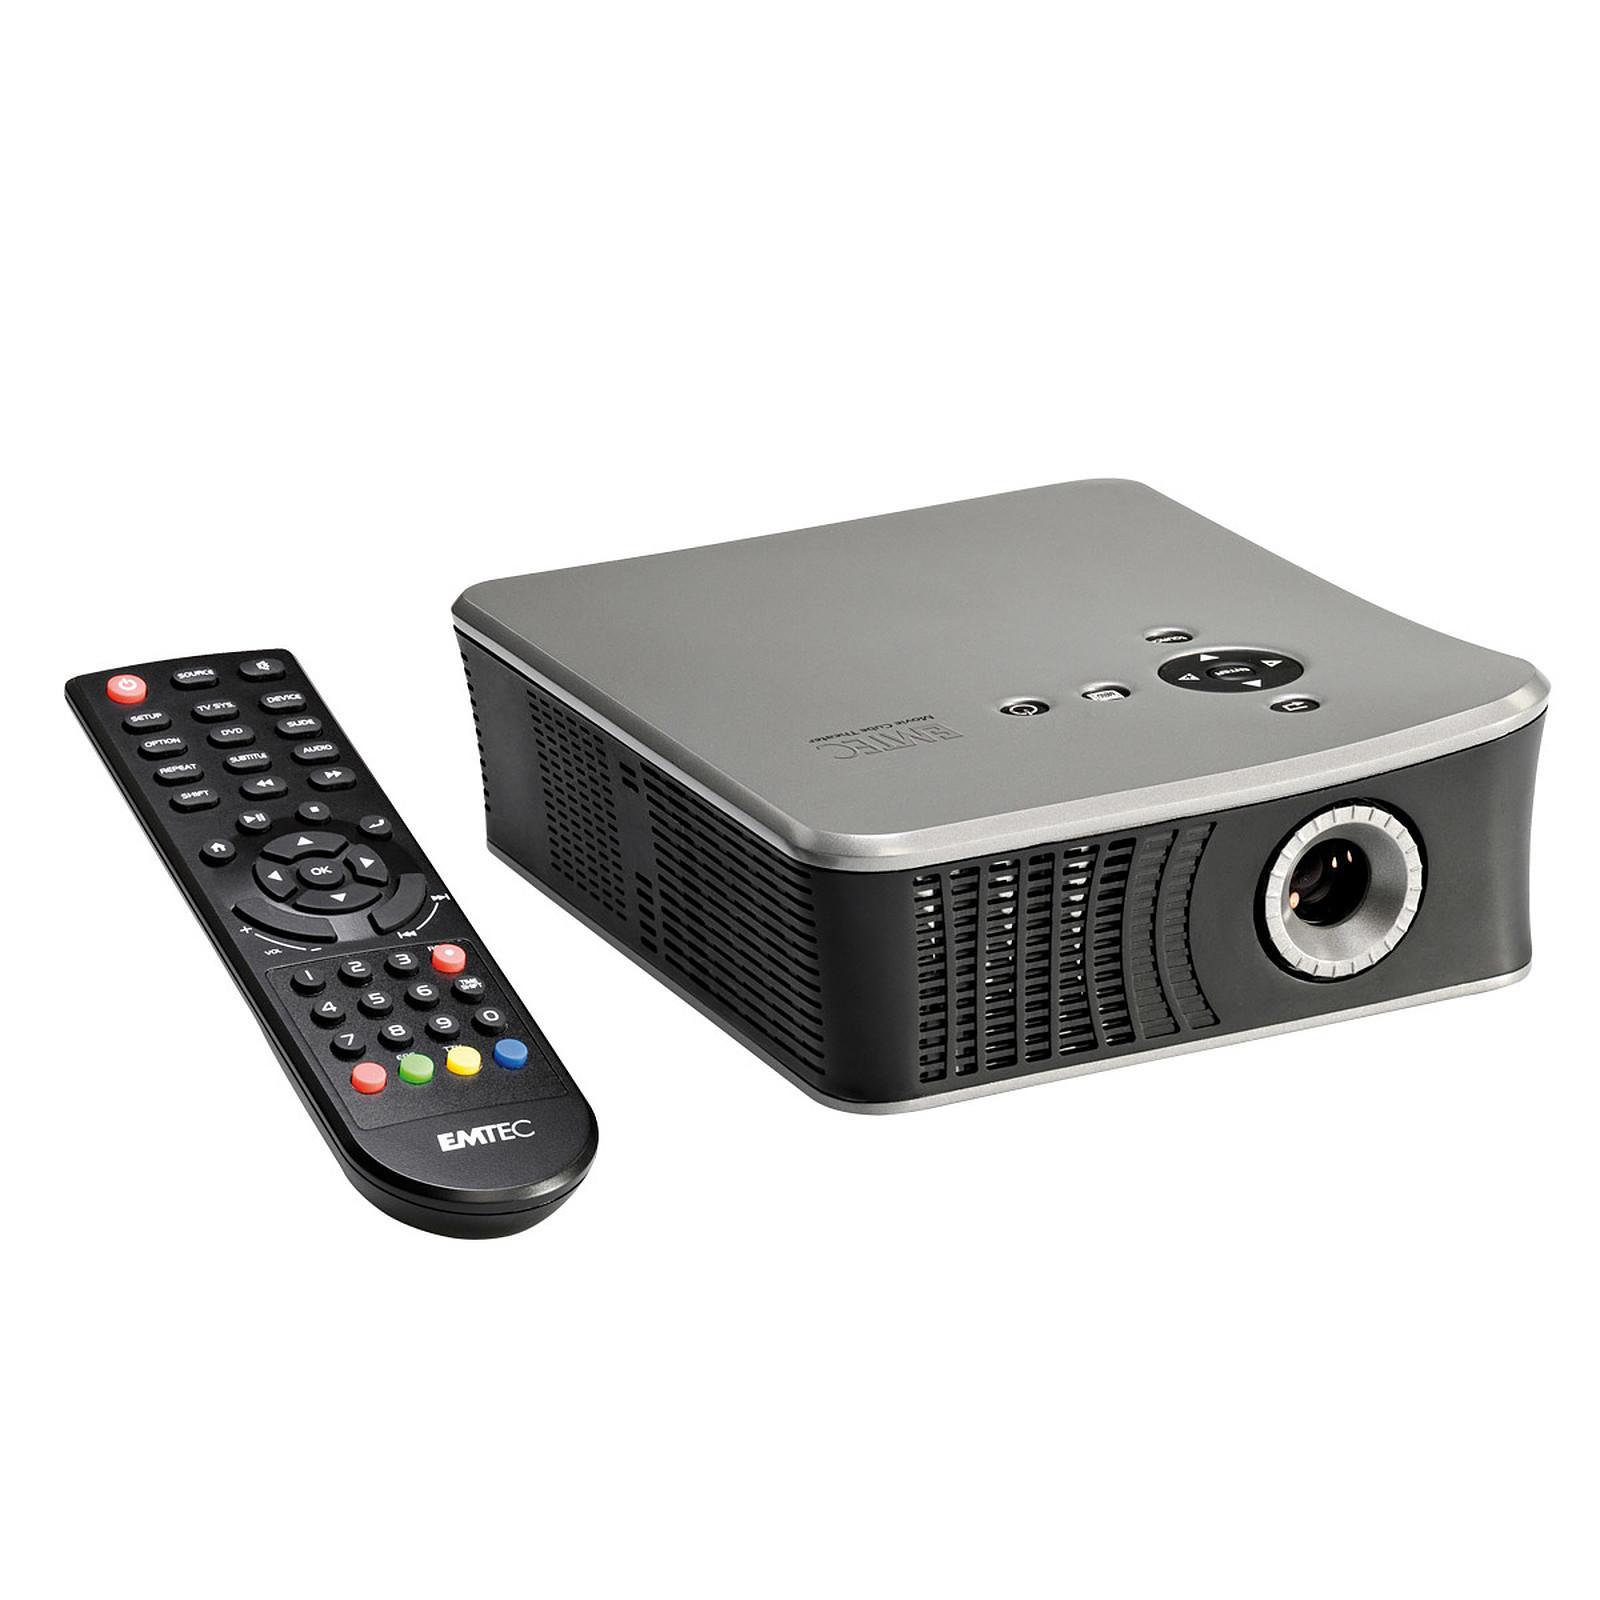 Videoprojecteur Avec Tuner Tv emtec movie cube theater t800 - vidéoprojecteur emtec sur